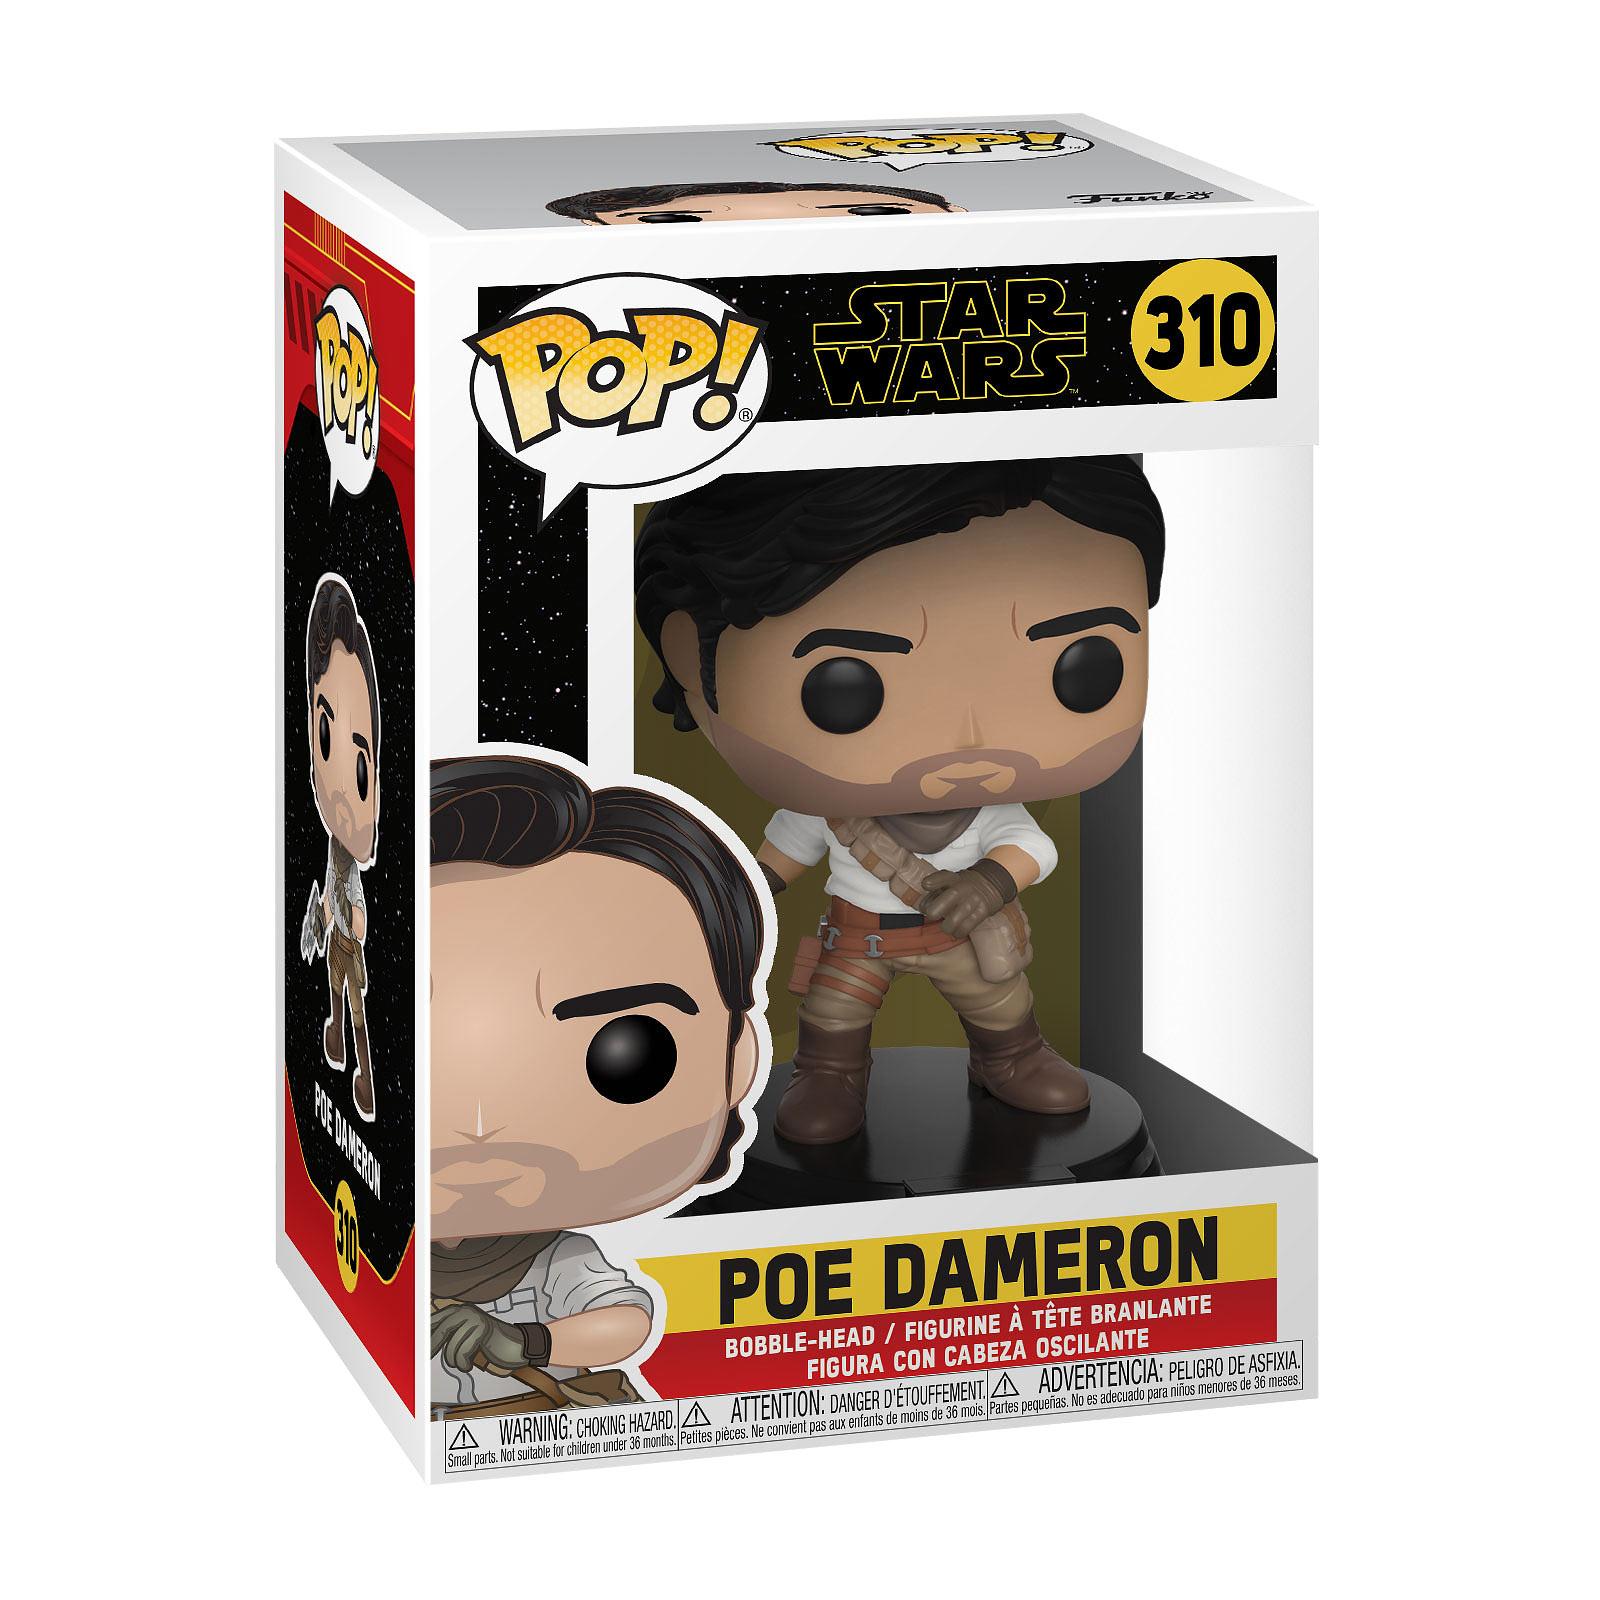 Star Wars - Poe Dameron Episode 9 Funko Pop Wackelkopf-Figur